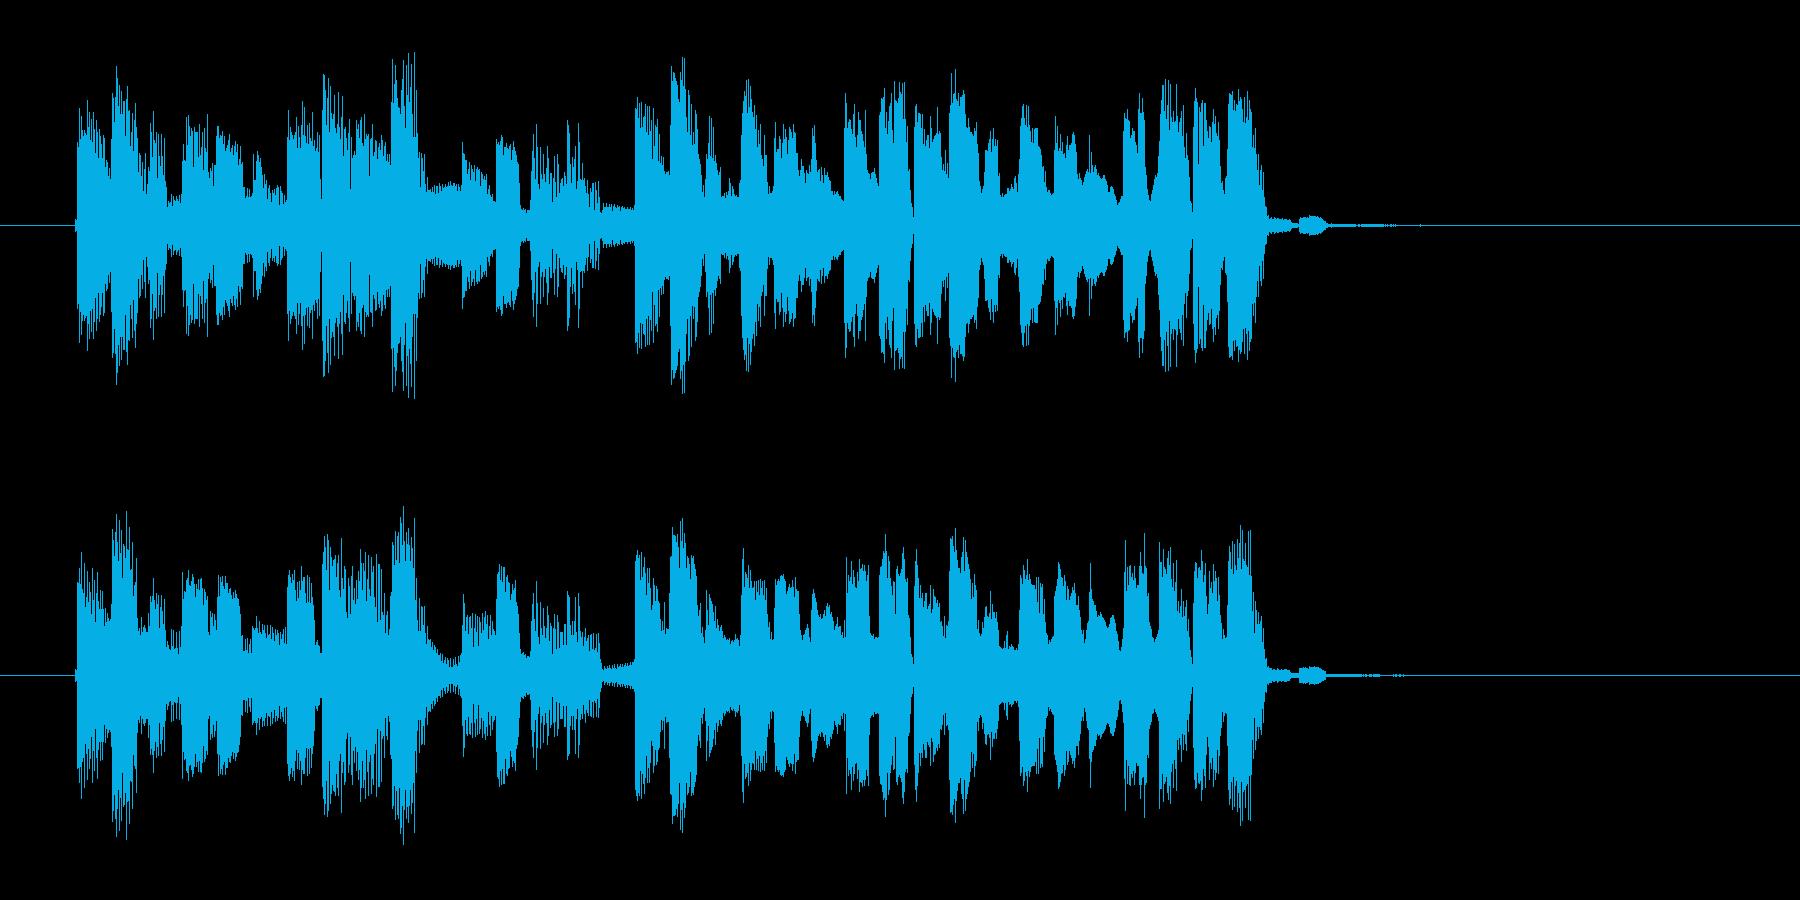 宇宙感のあるシンセギターサウンド(短め)の再生済みの波形